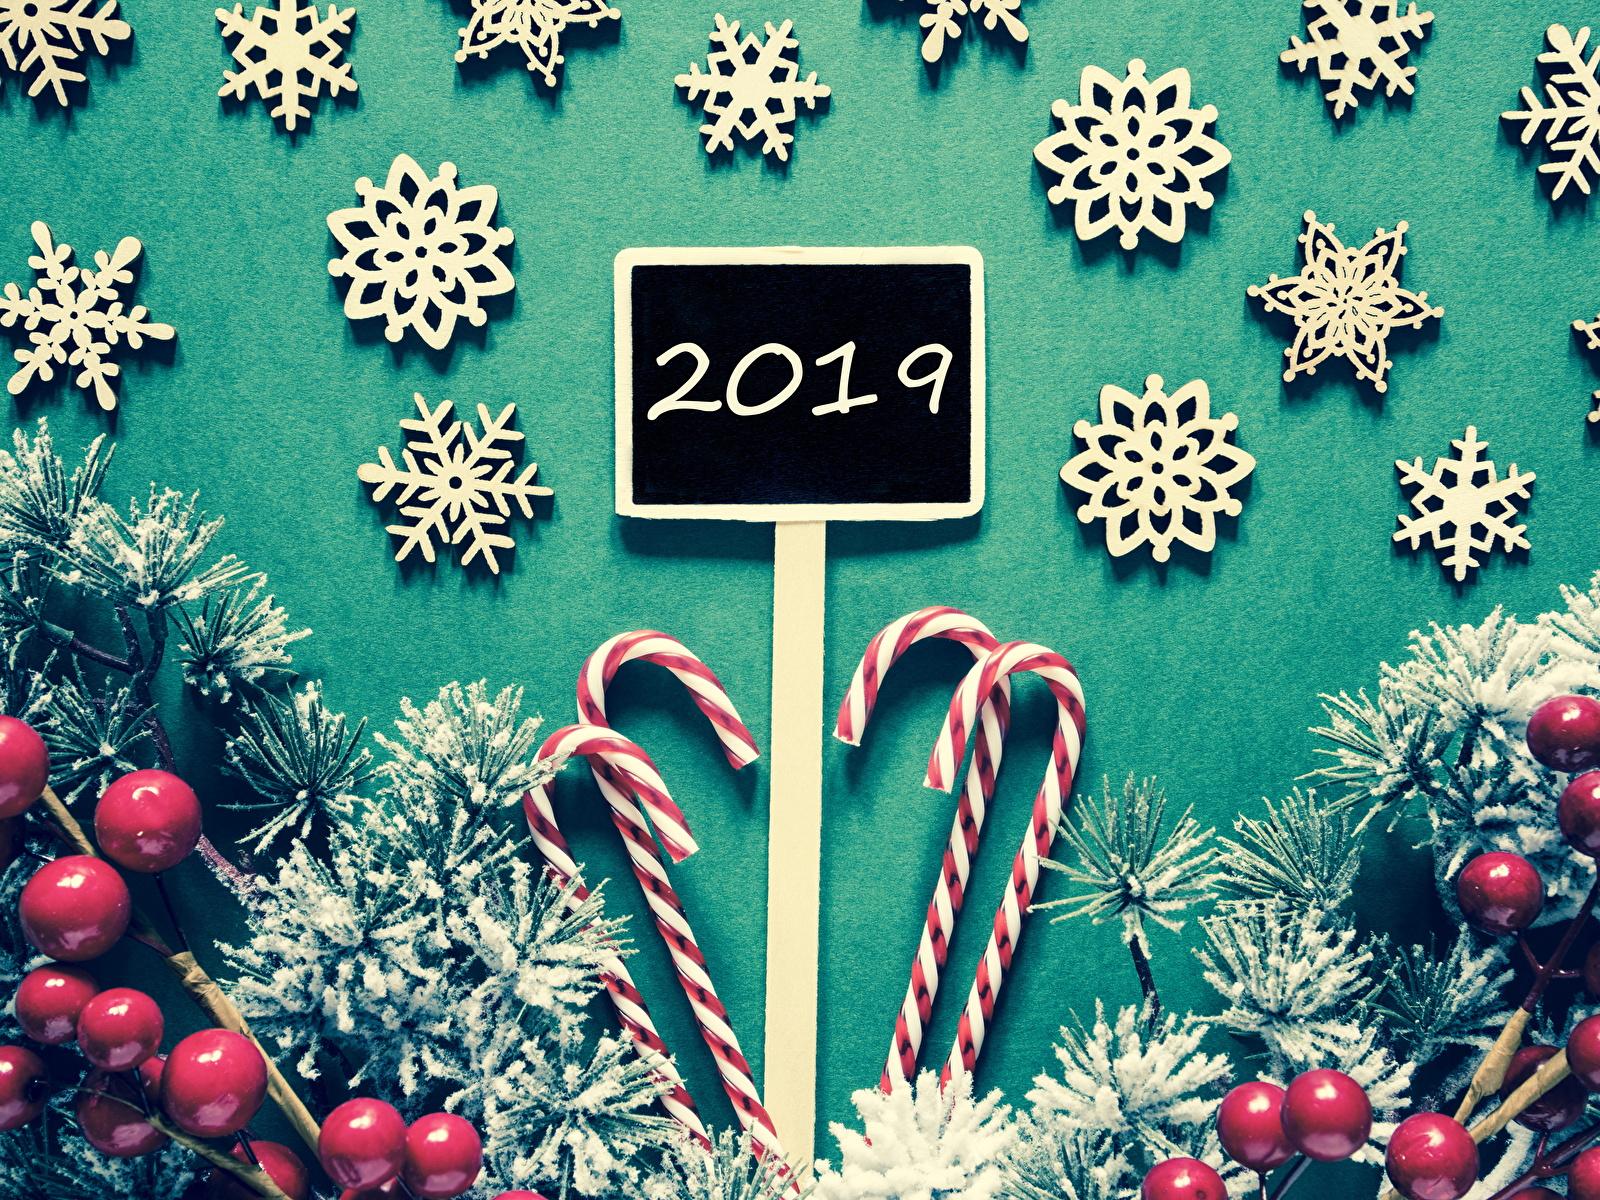 Фото 2019 Рождество Леденцы снежинка Ягоды на ветке Сладости 1600x1200 Новый год Снежинки Ветки ветка ветвь сладкая еда